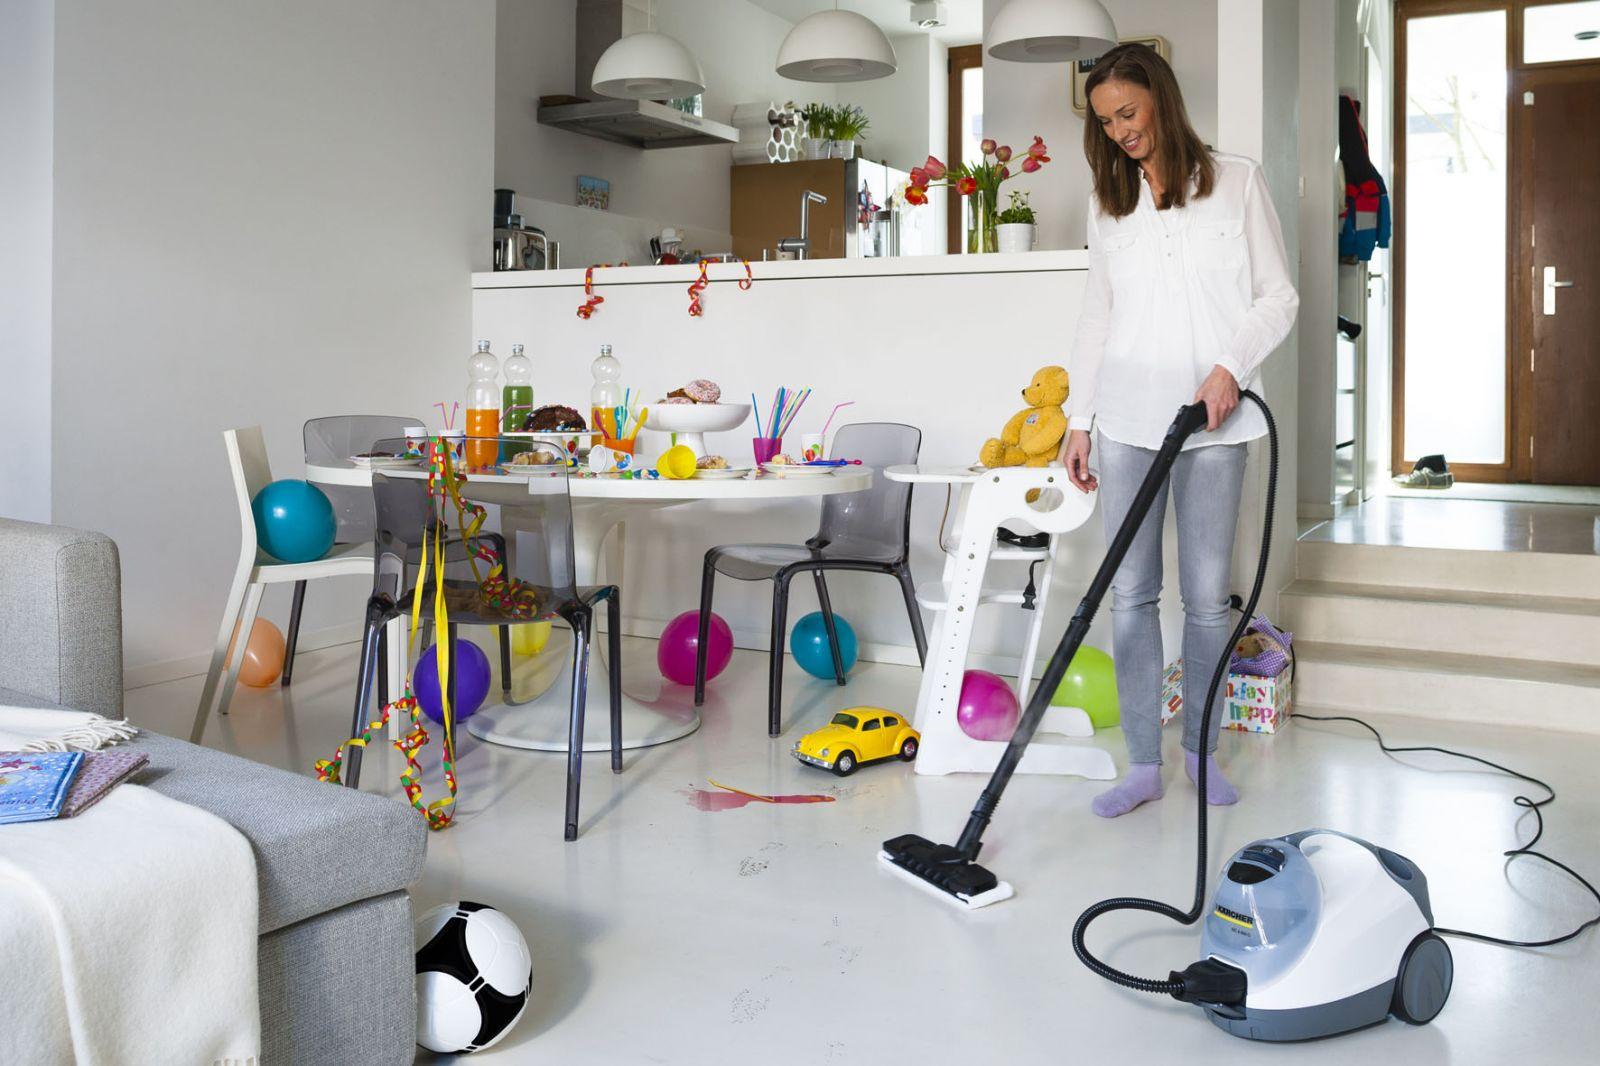 Уборка квартиры под легкую музыку